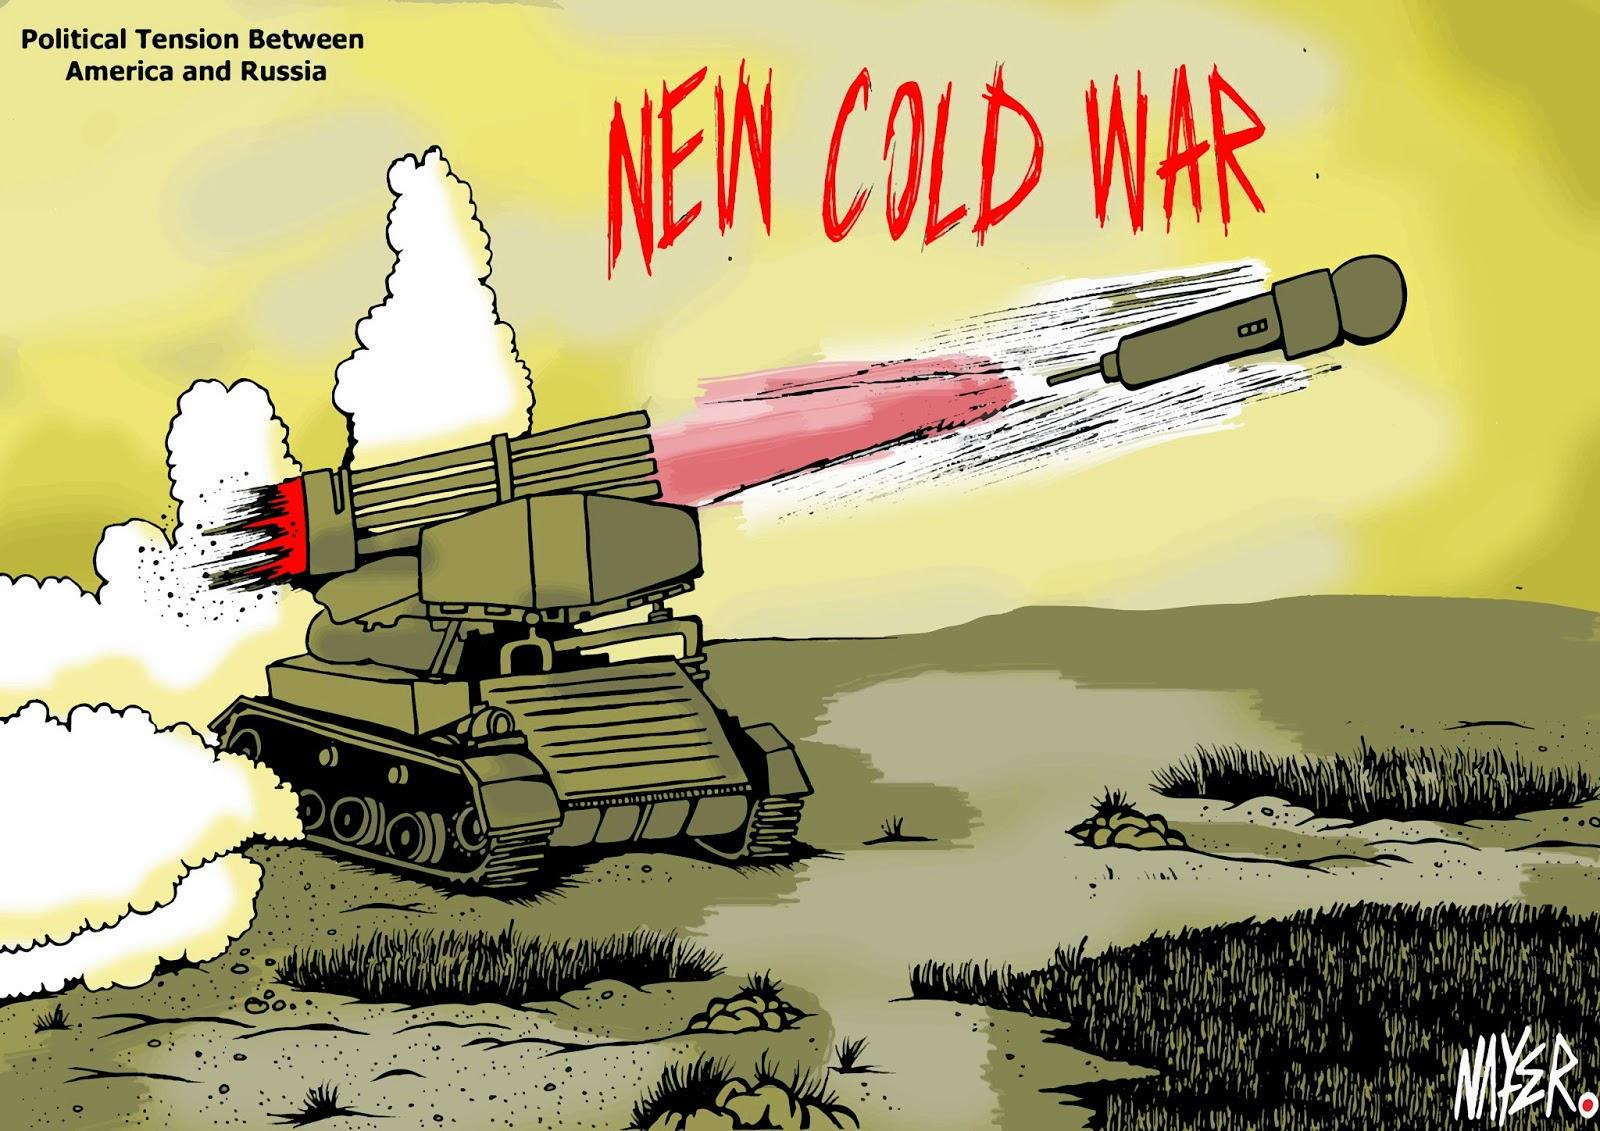 Это объявление Холодной войны